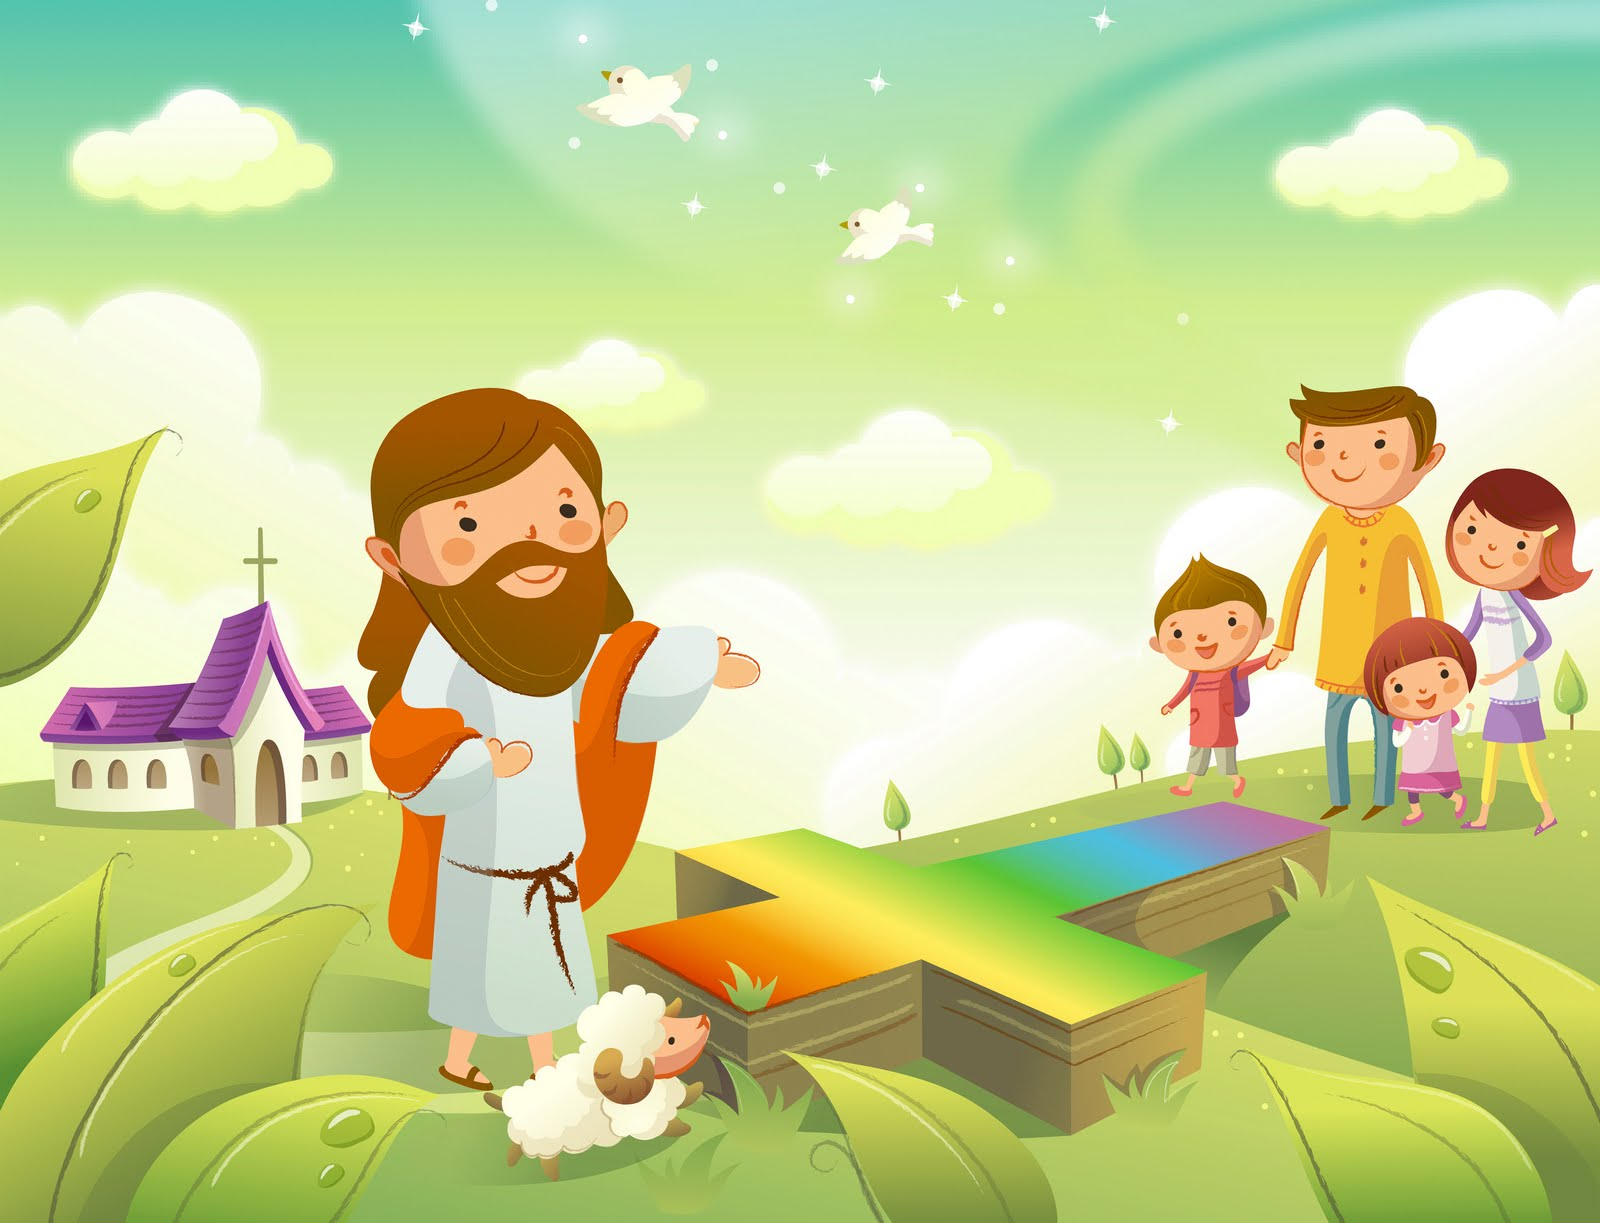 Consejería Matrimonial Catolico Gratis : Junta diocesana de catequesis oberá ilustraciones